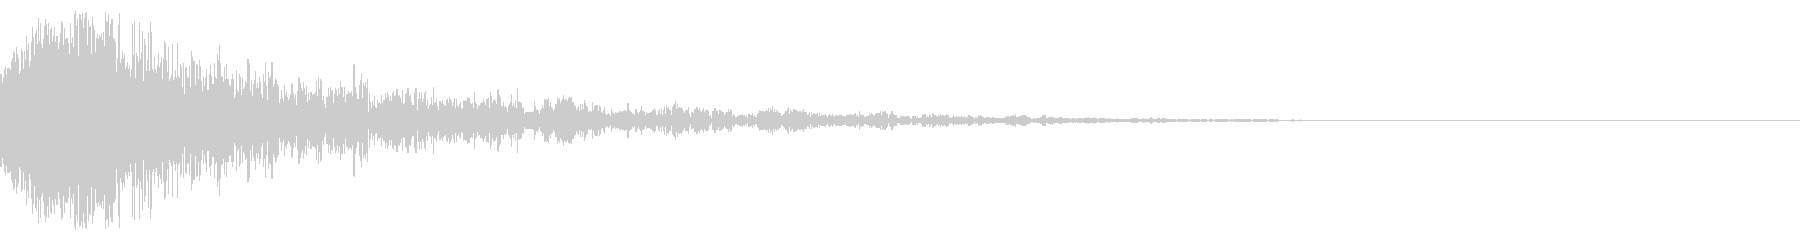 ドーン-54-1(インパクト音)の未再生の波形